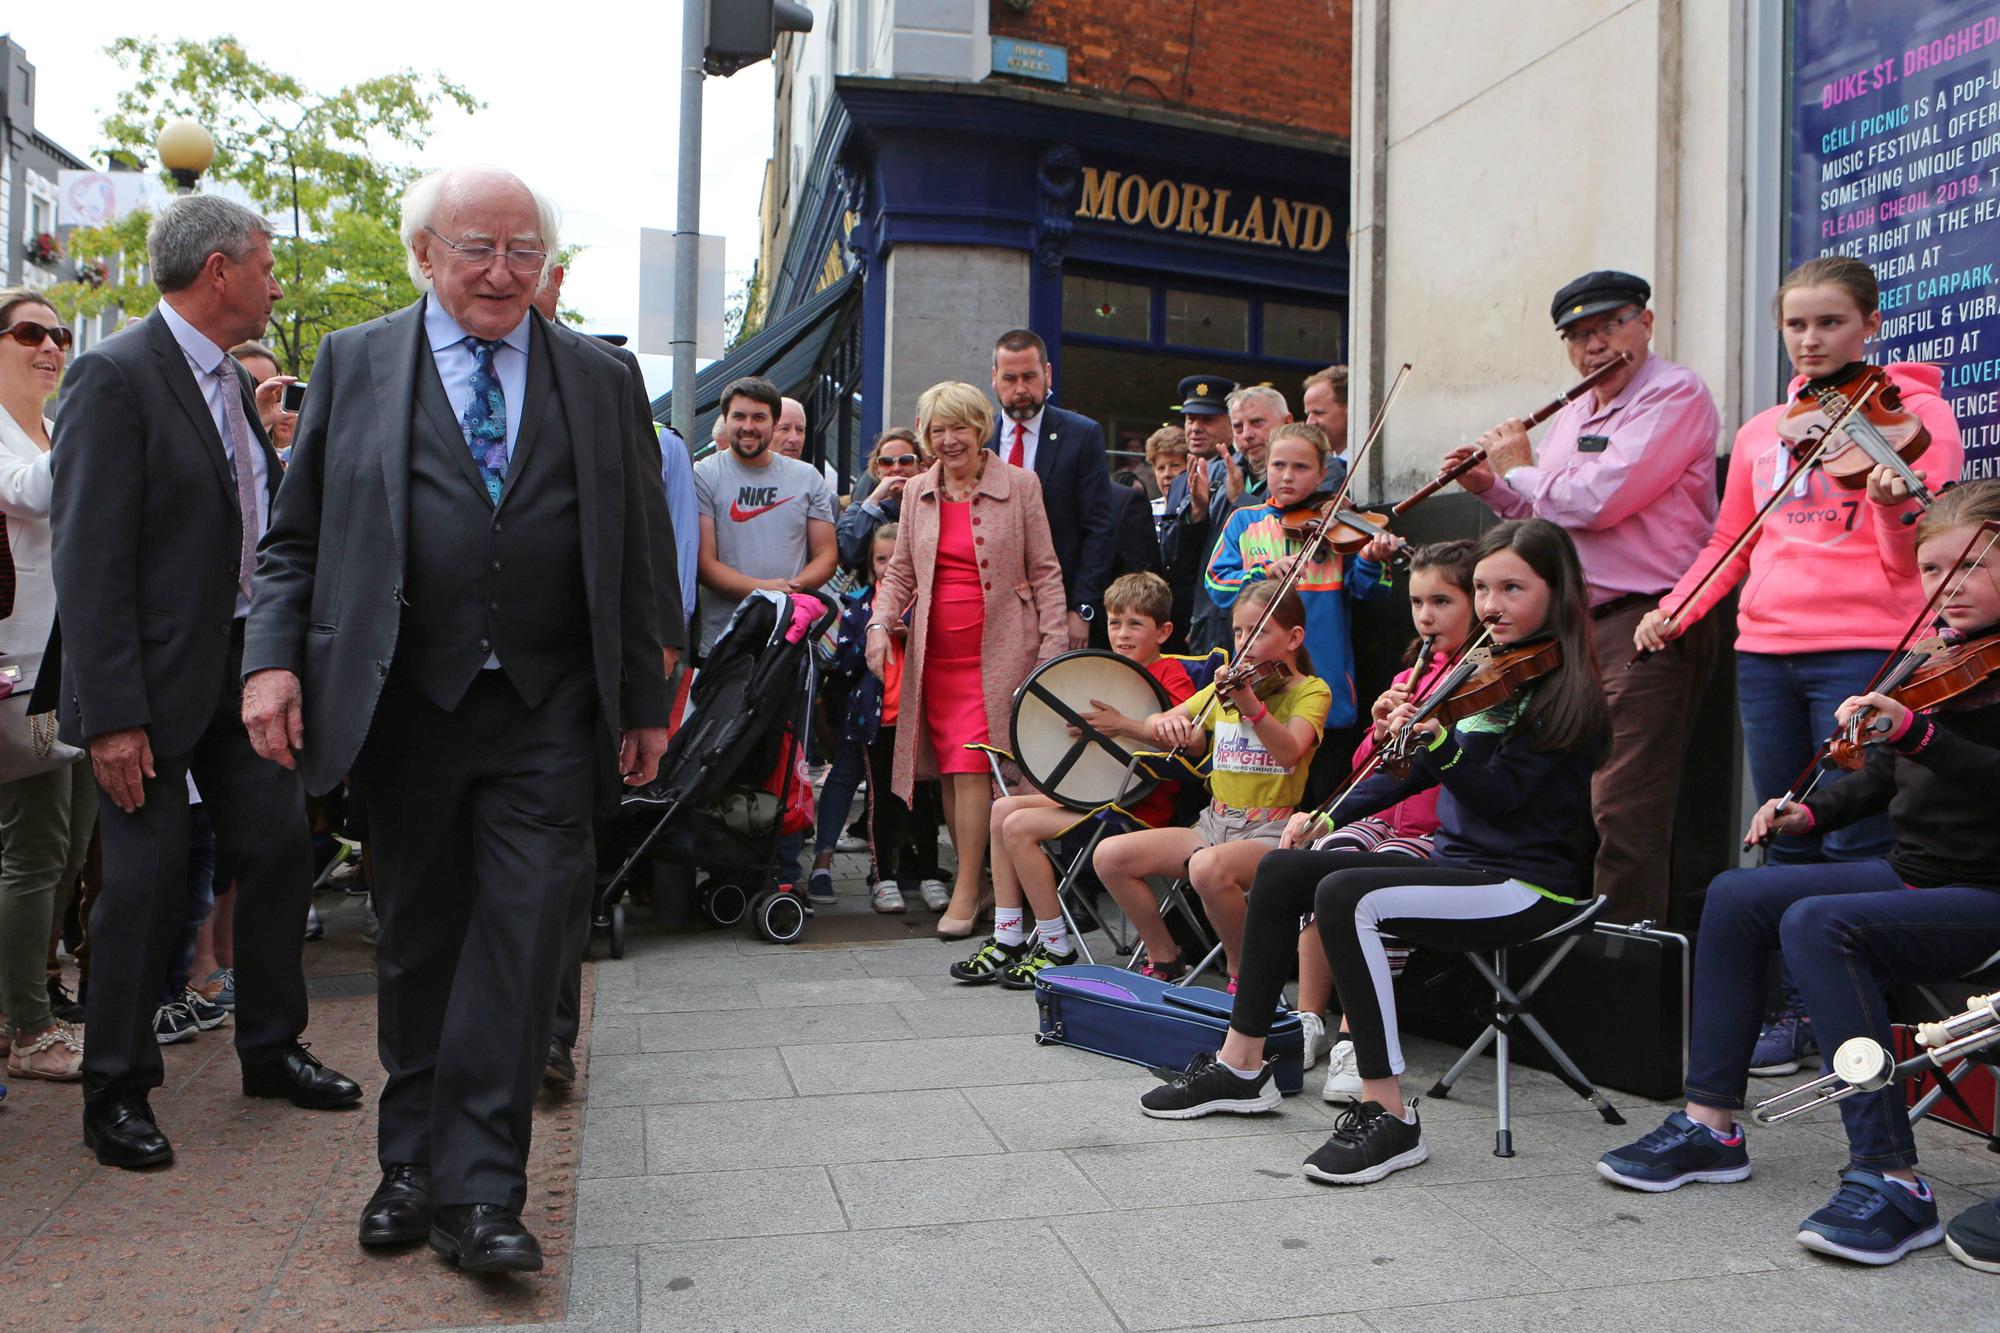 Fleadh Cheoil na hÉireann 2019, Jenny Callanan Photography, Drogheda, Co.Louth